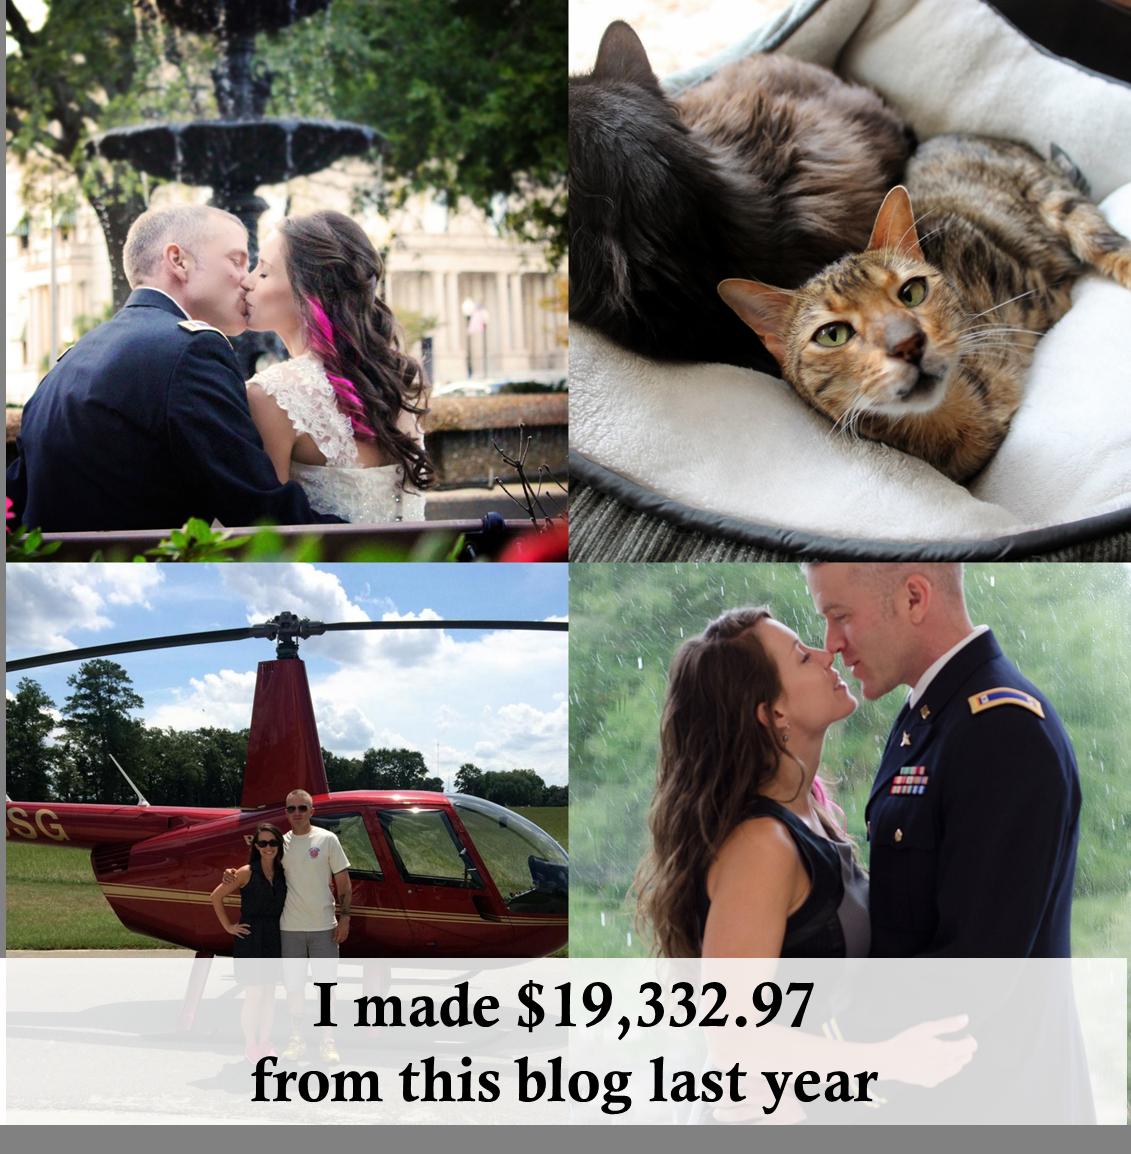 Blog income 2014